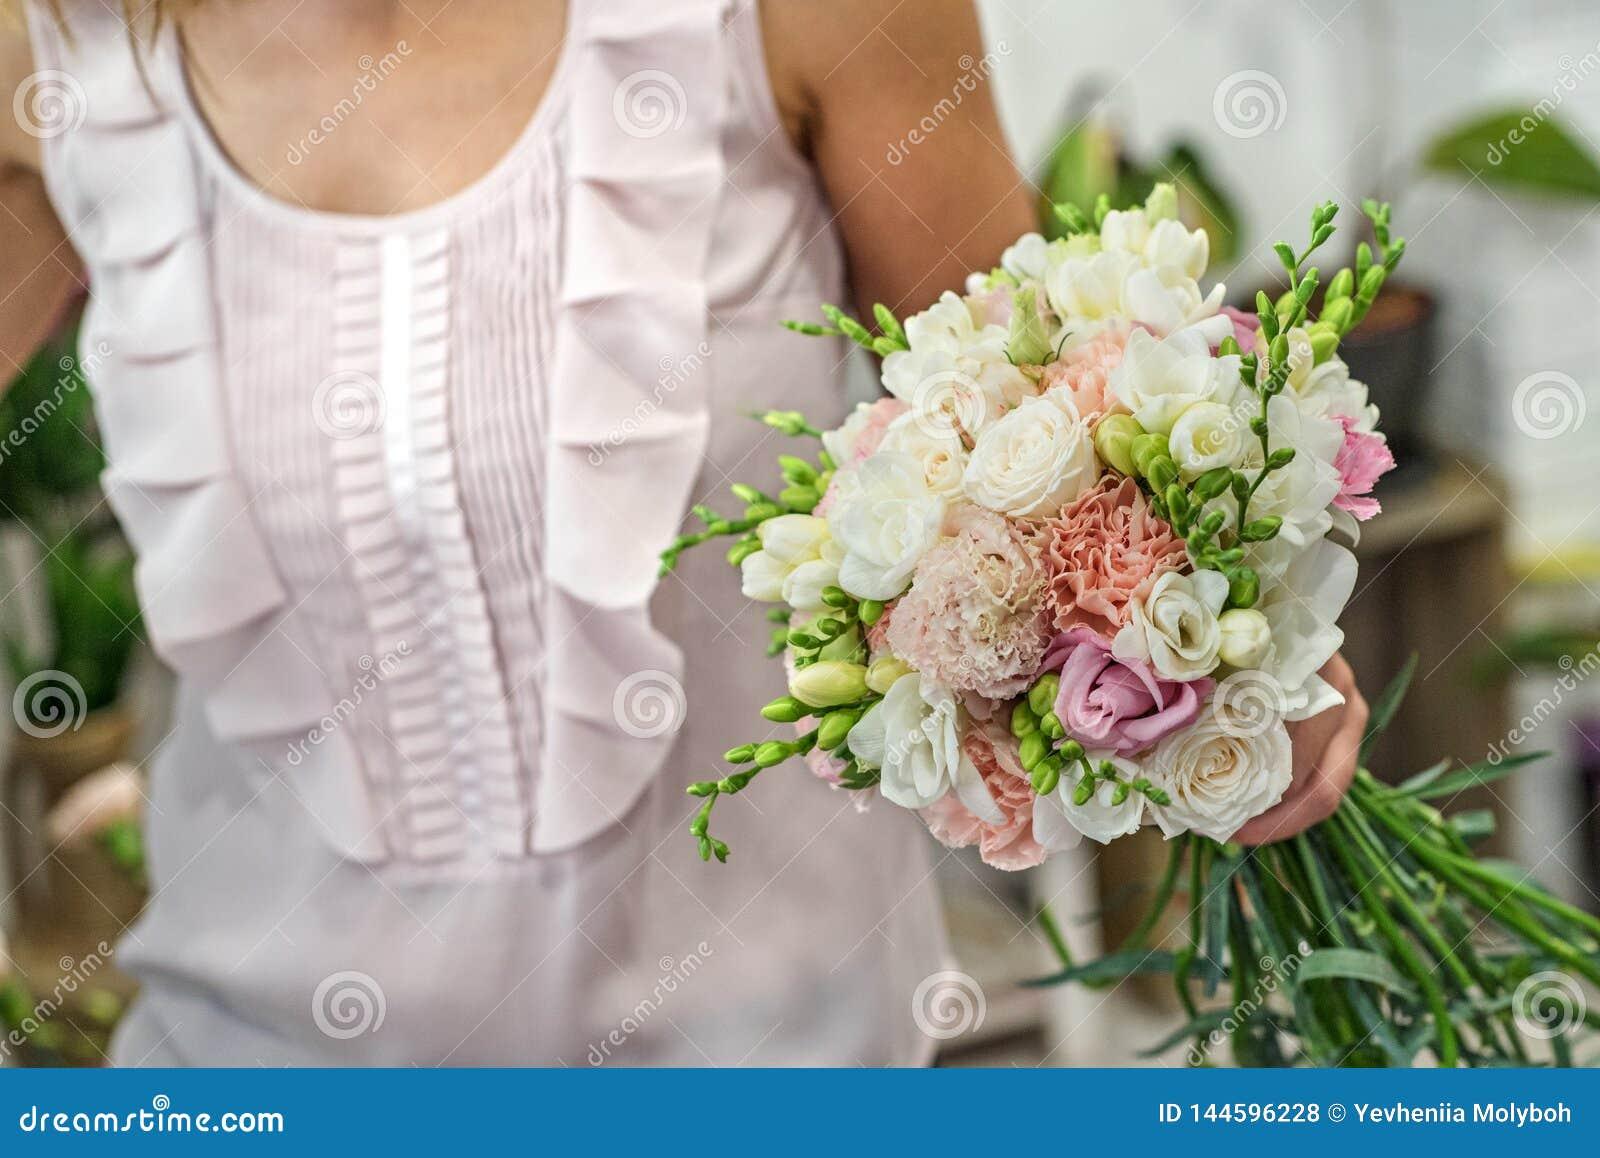 豪华巴洛克式的内部的美丽的新娘 ??